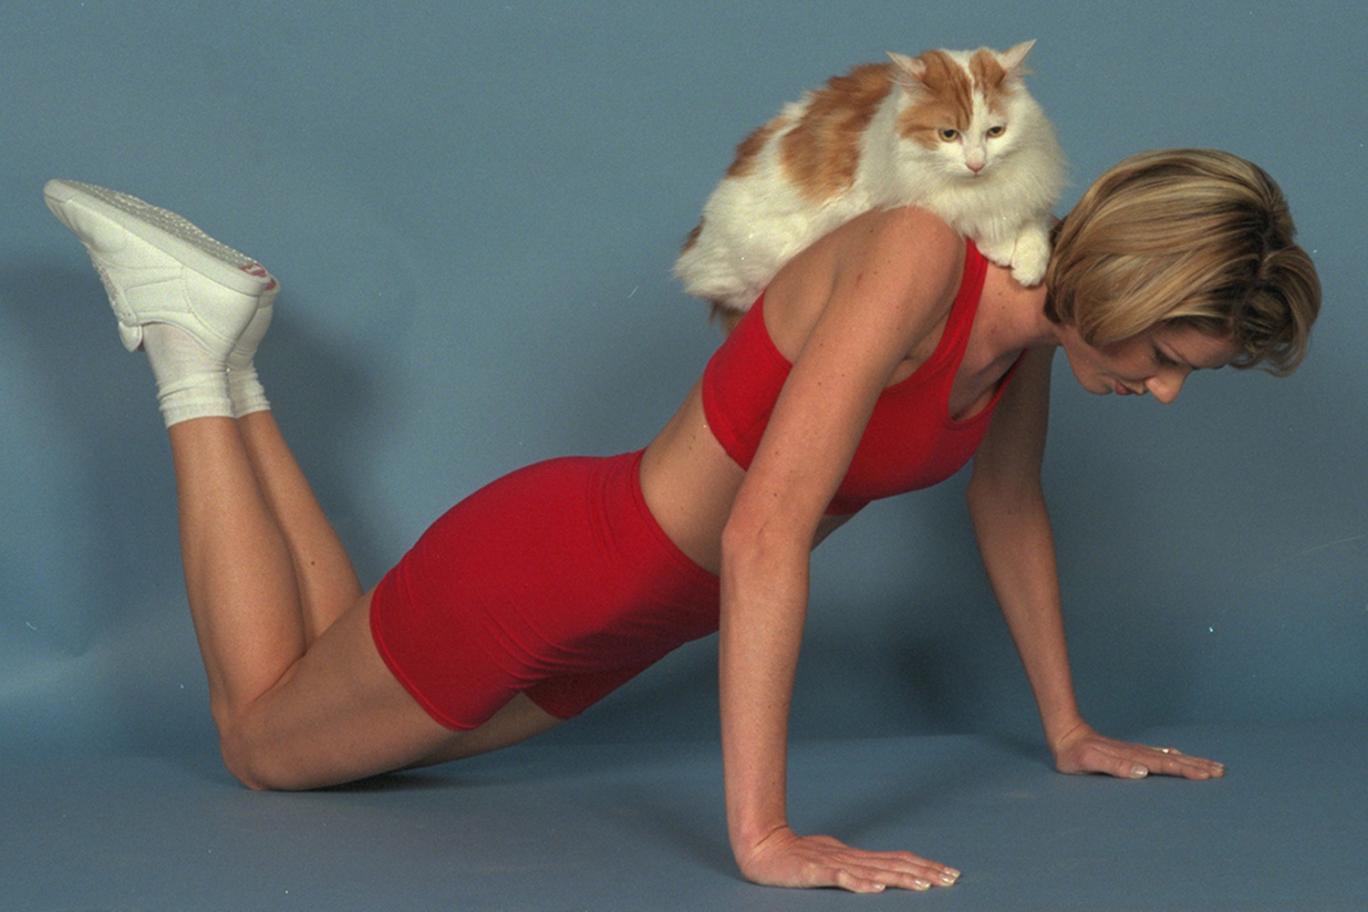 Йога с кошками — новый фитнес-тренд